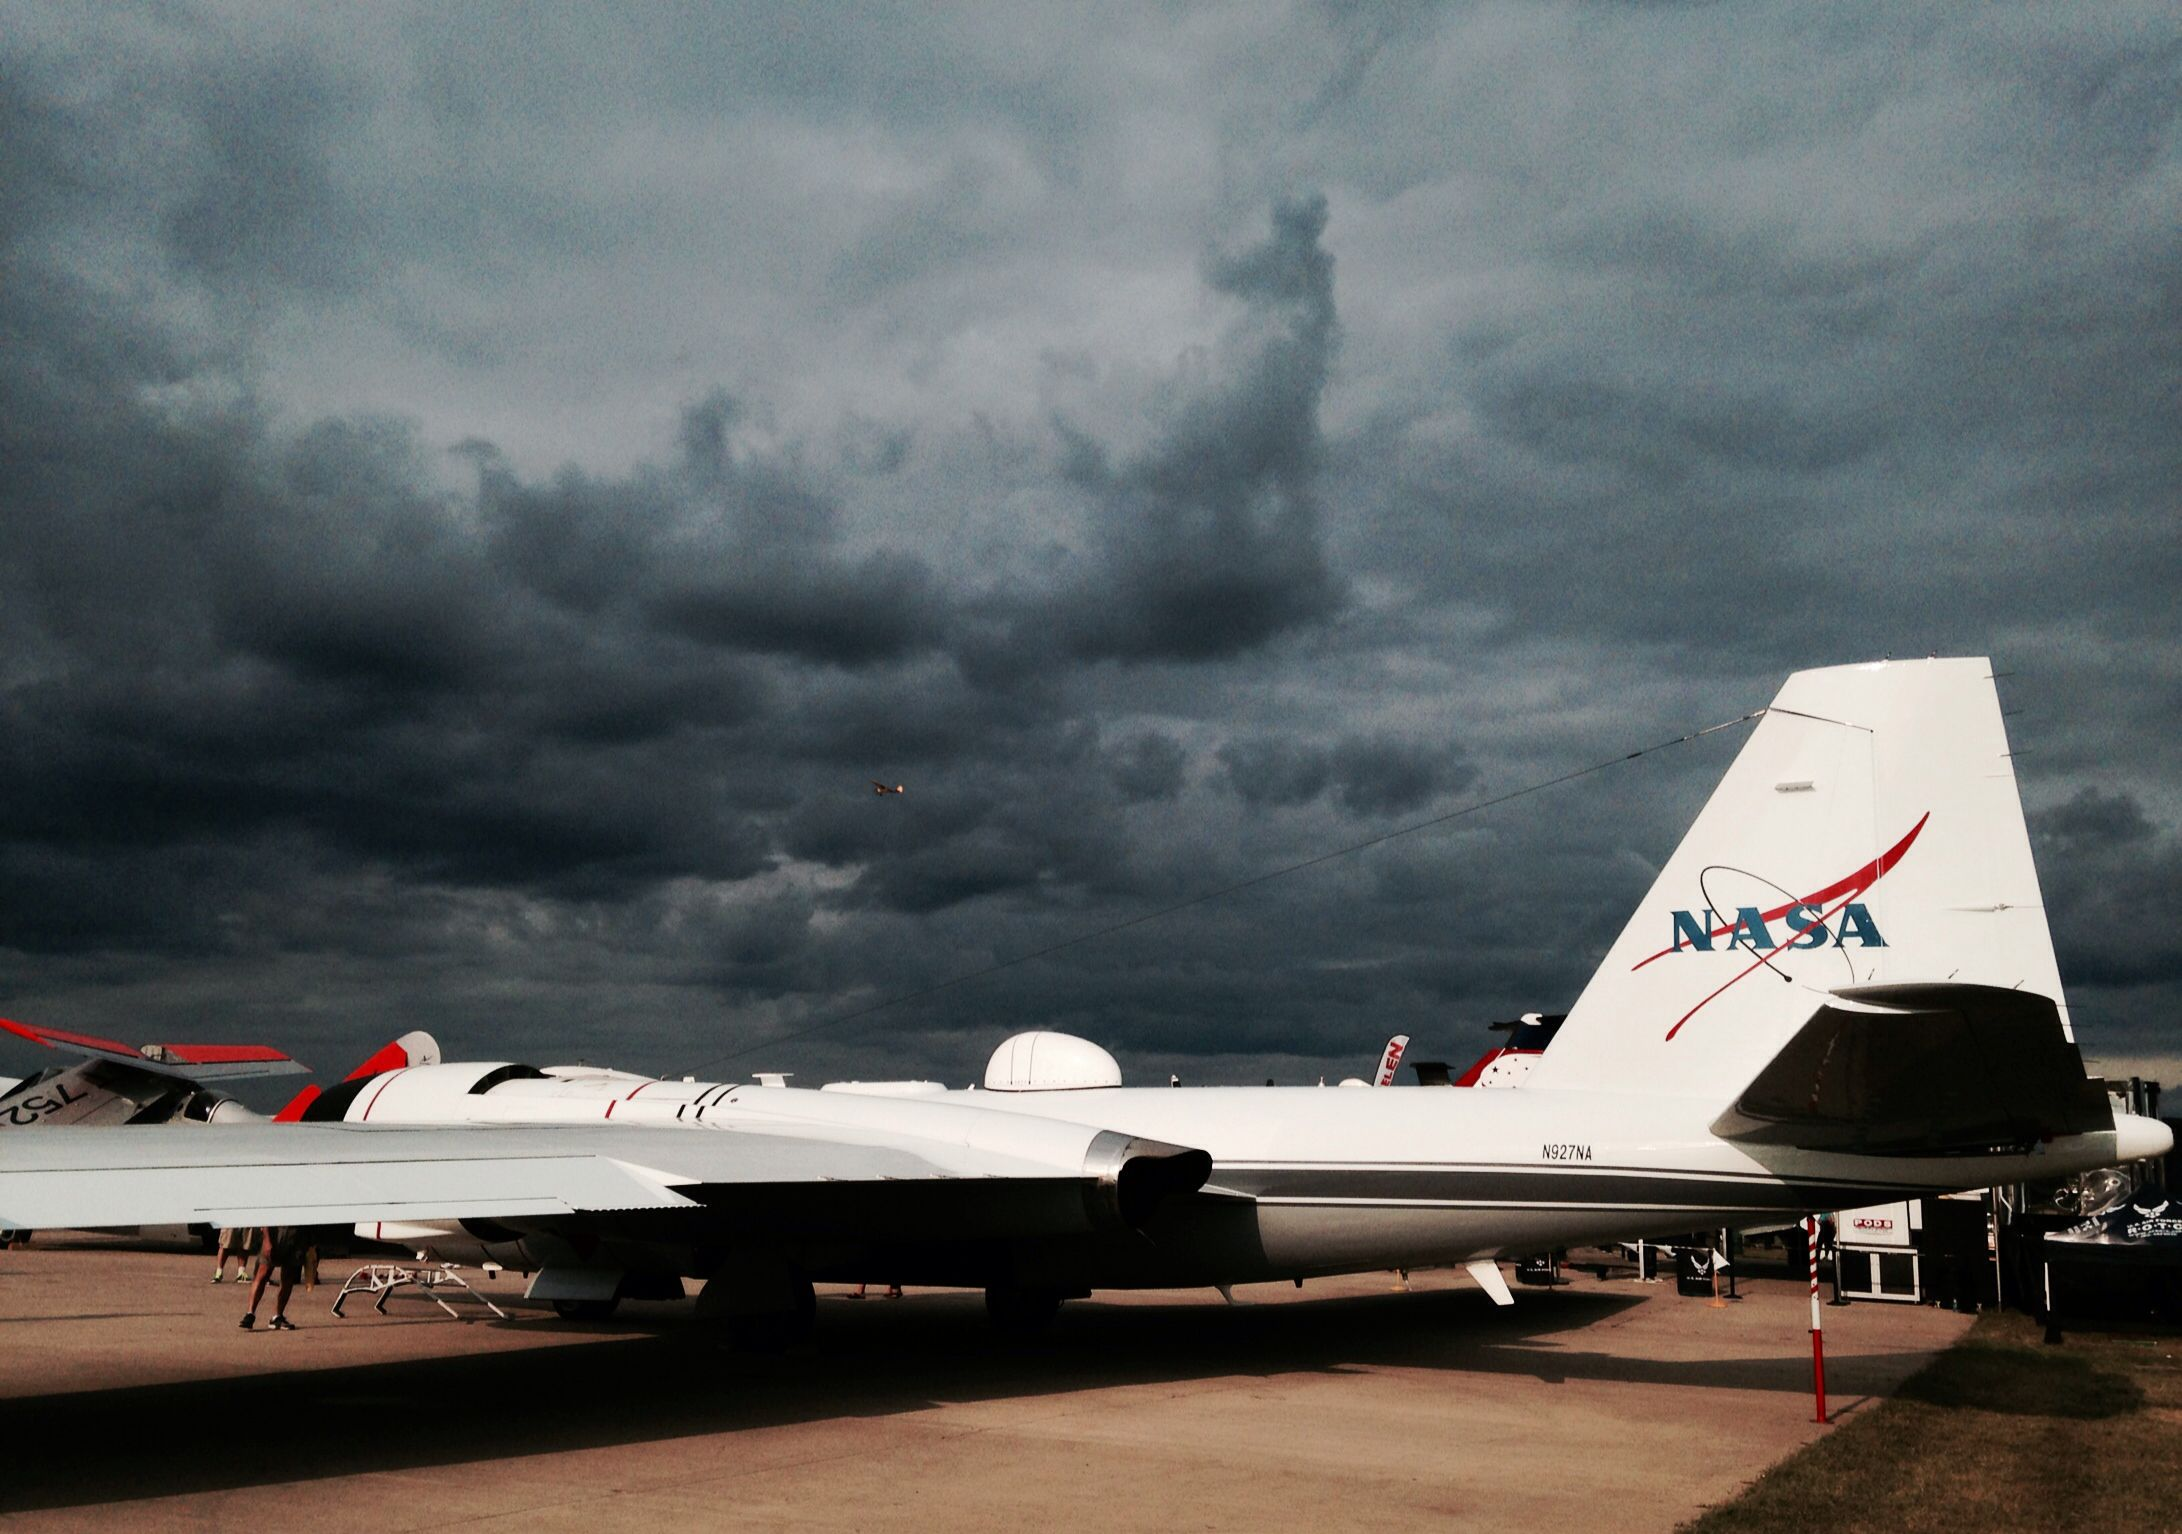 OSH14 Skyscape, Passenger, Passenger jet